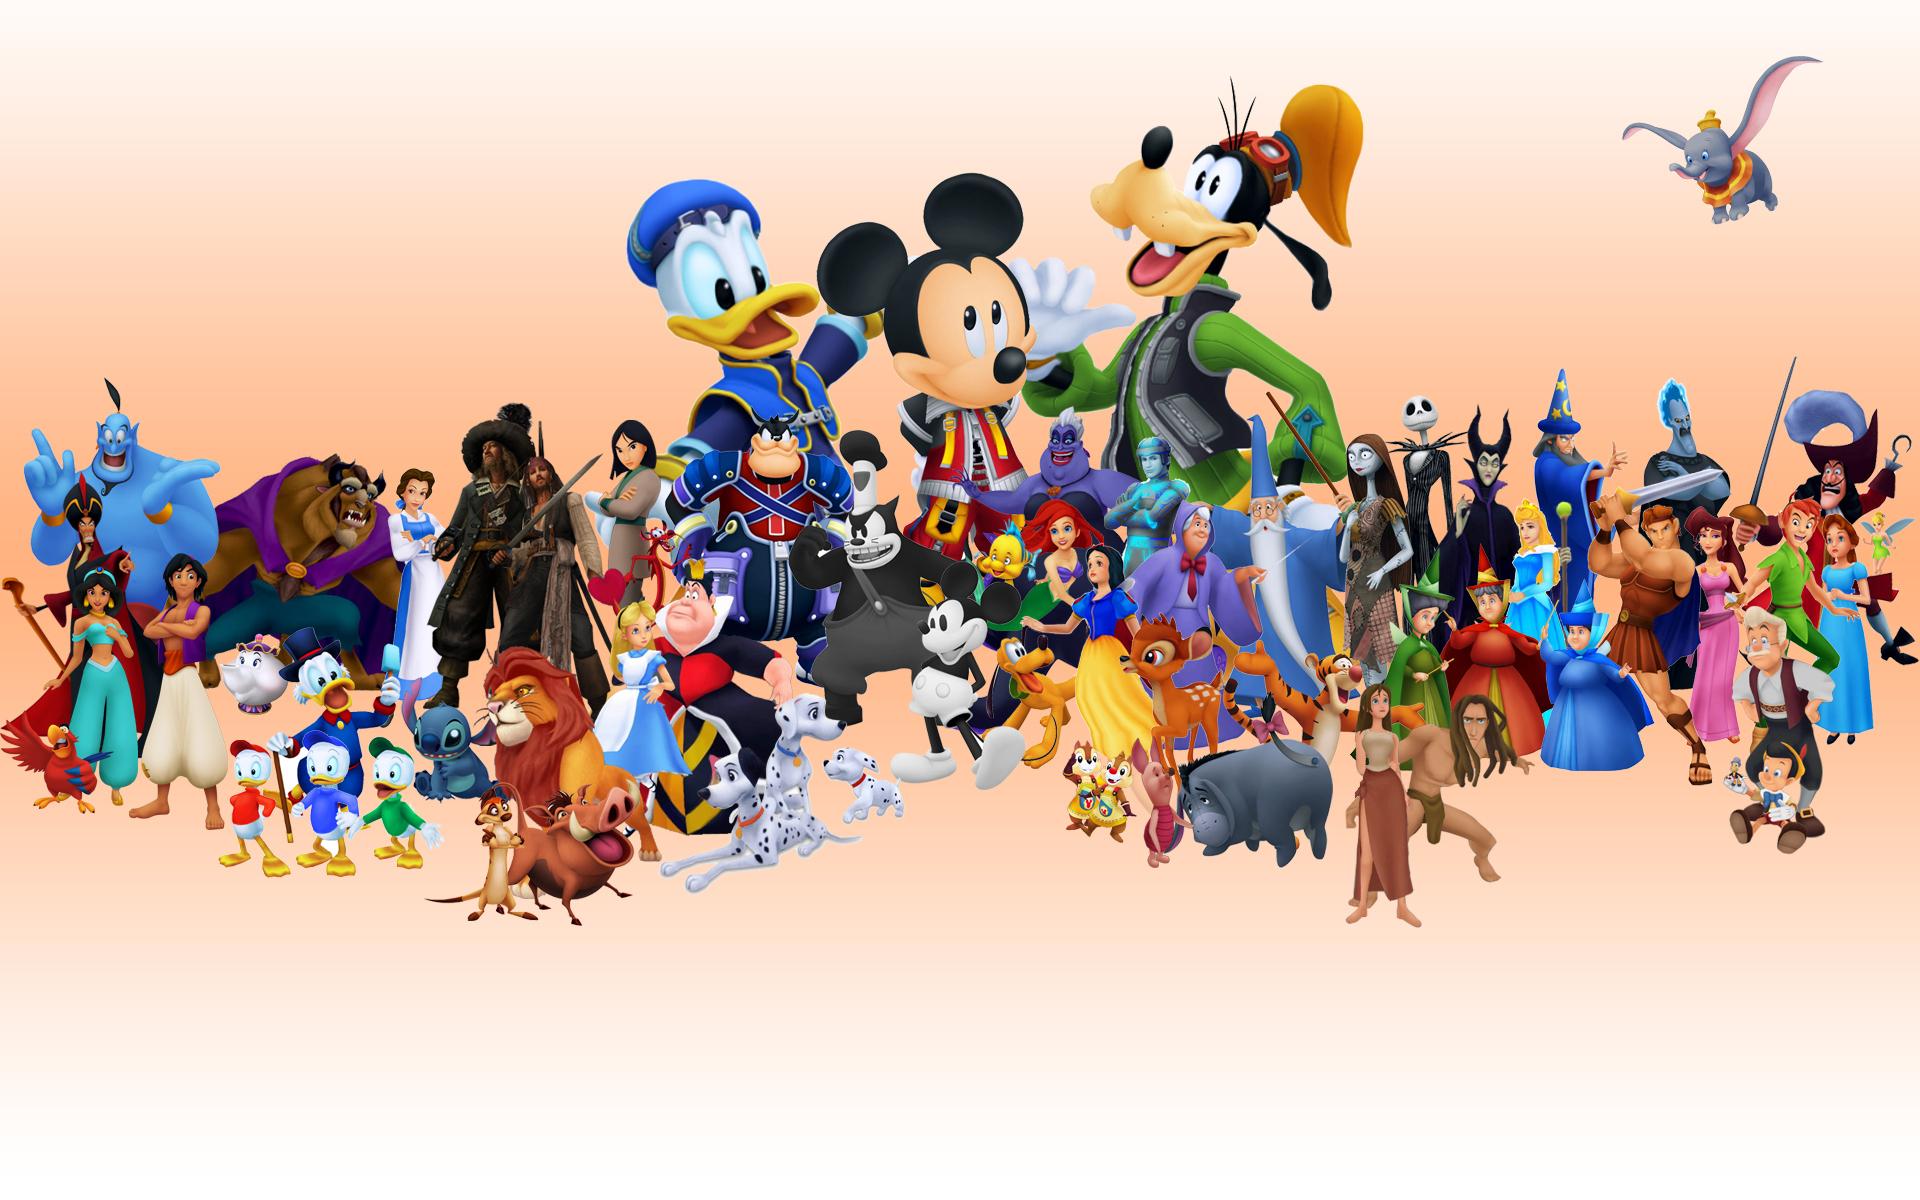 Free Disney Computer Wallpaper - WallpaperSafari